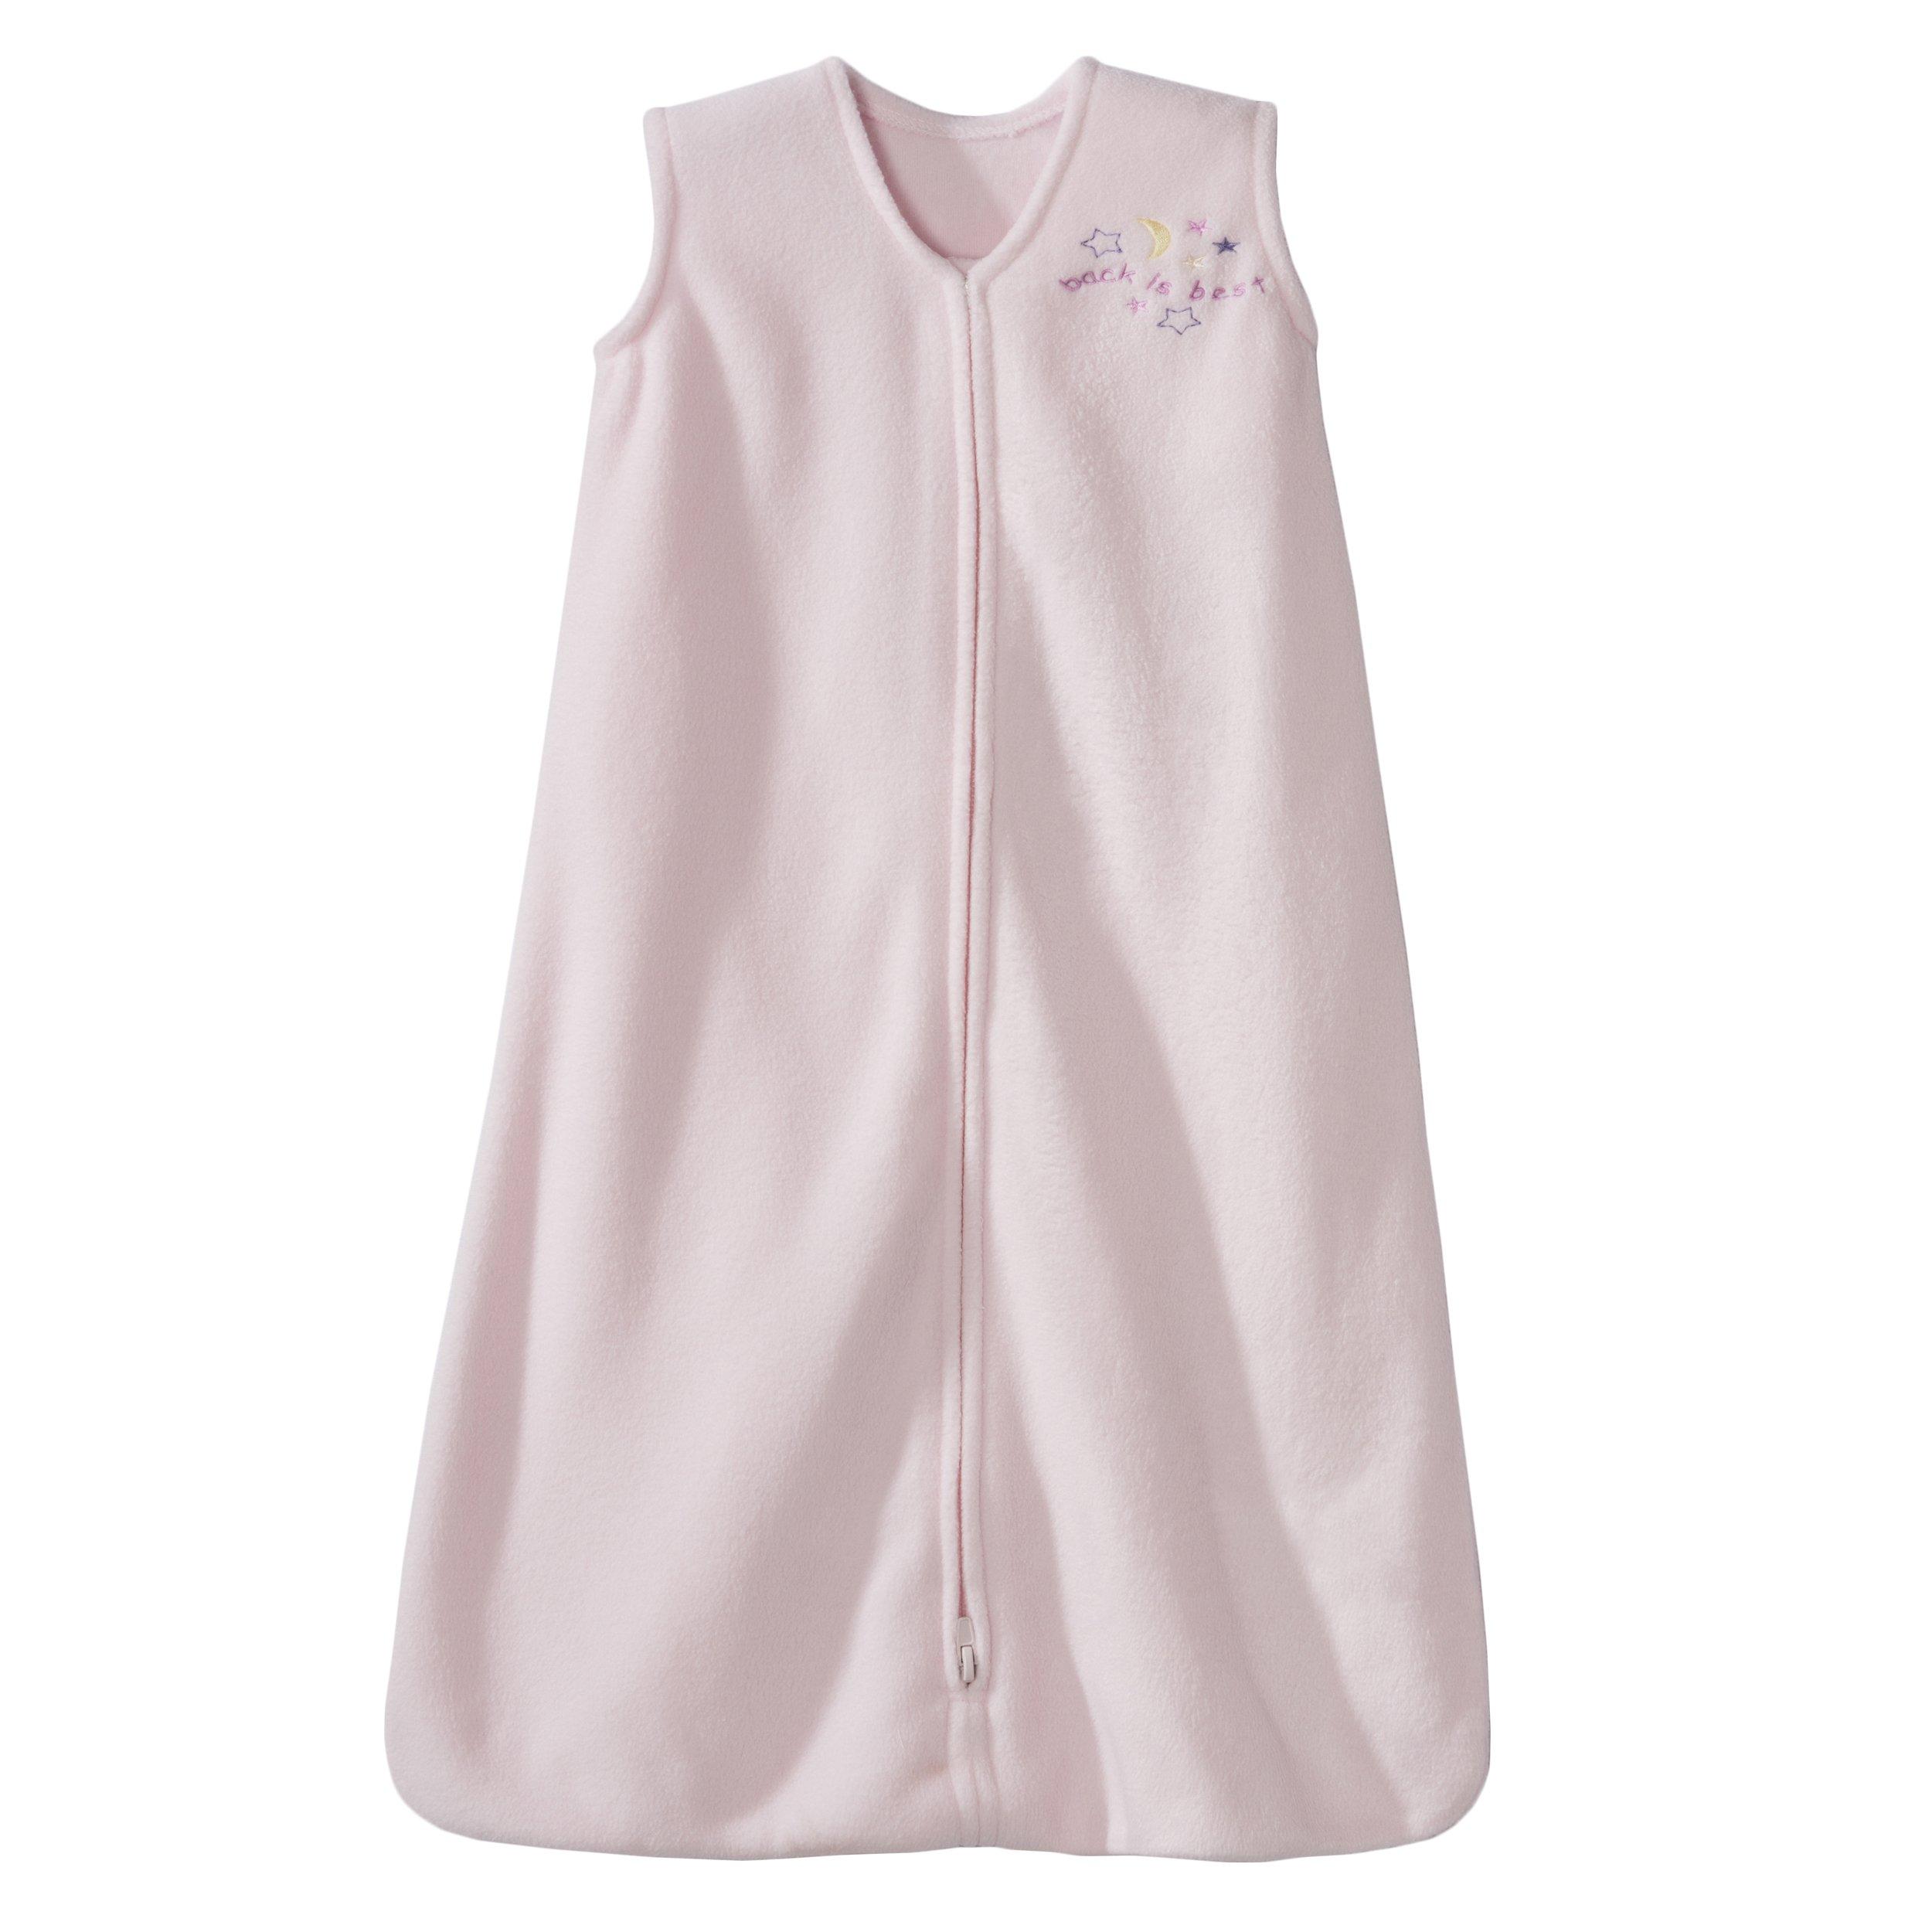 HALO SleepSack Micro-Fleece Wearable Blanket, Soft Pink, Medium